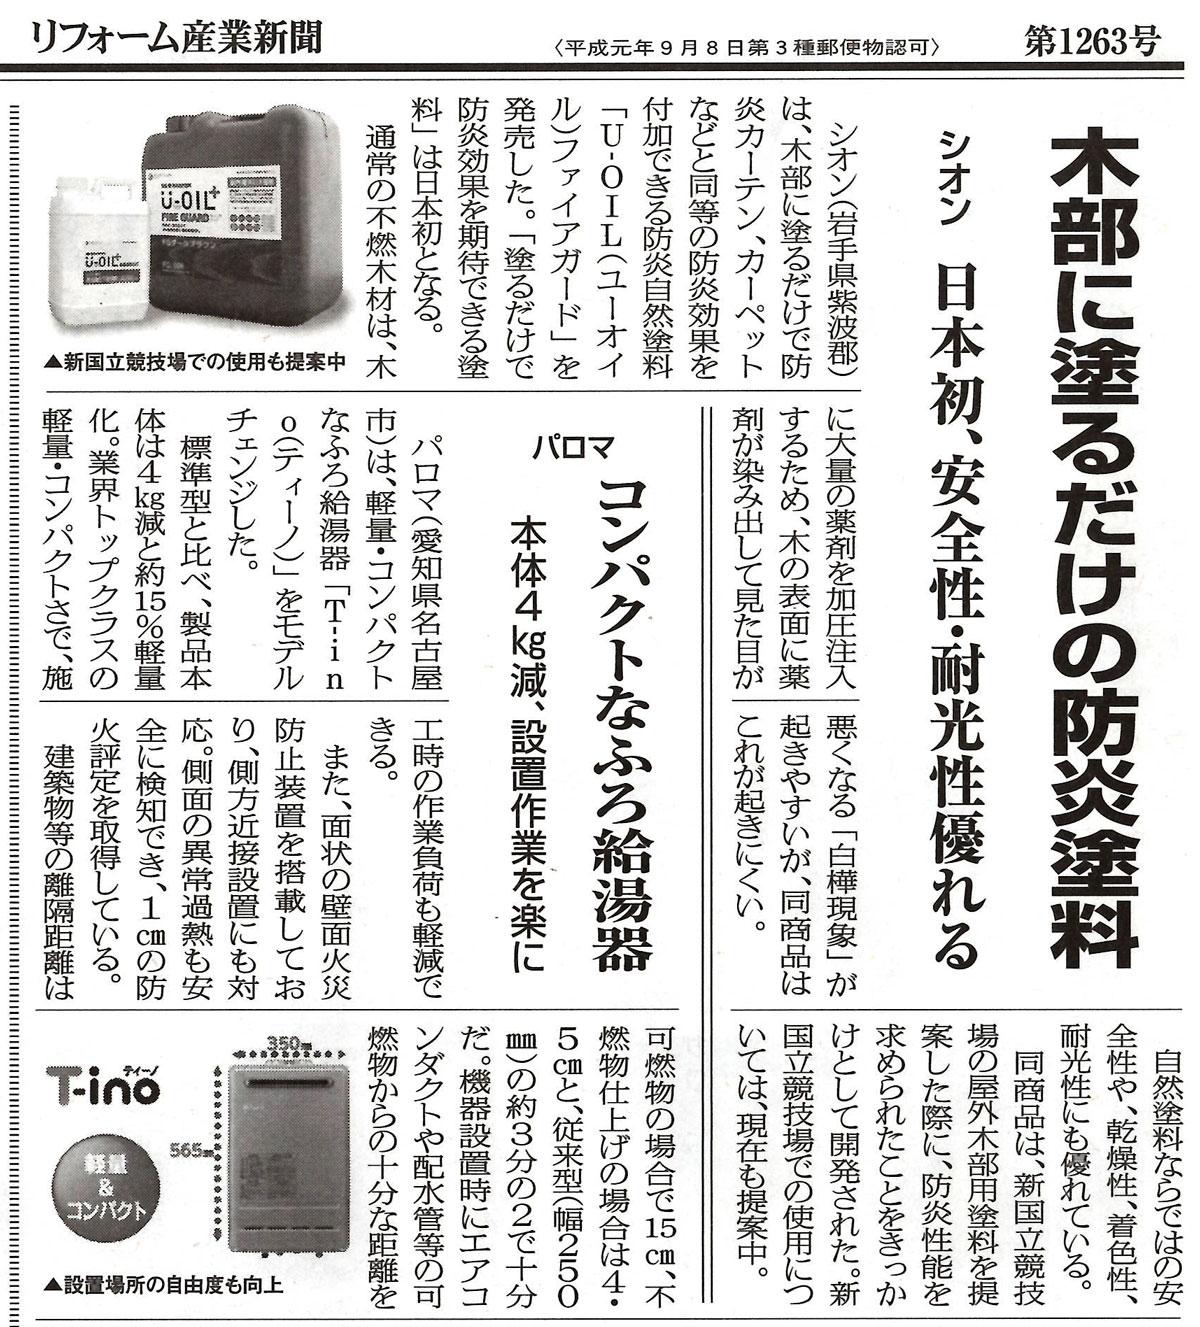 リフォーム産業新聞2017.05.02新聞記事